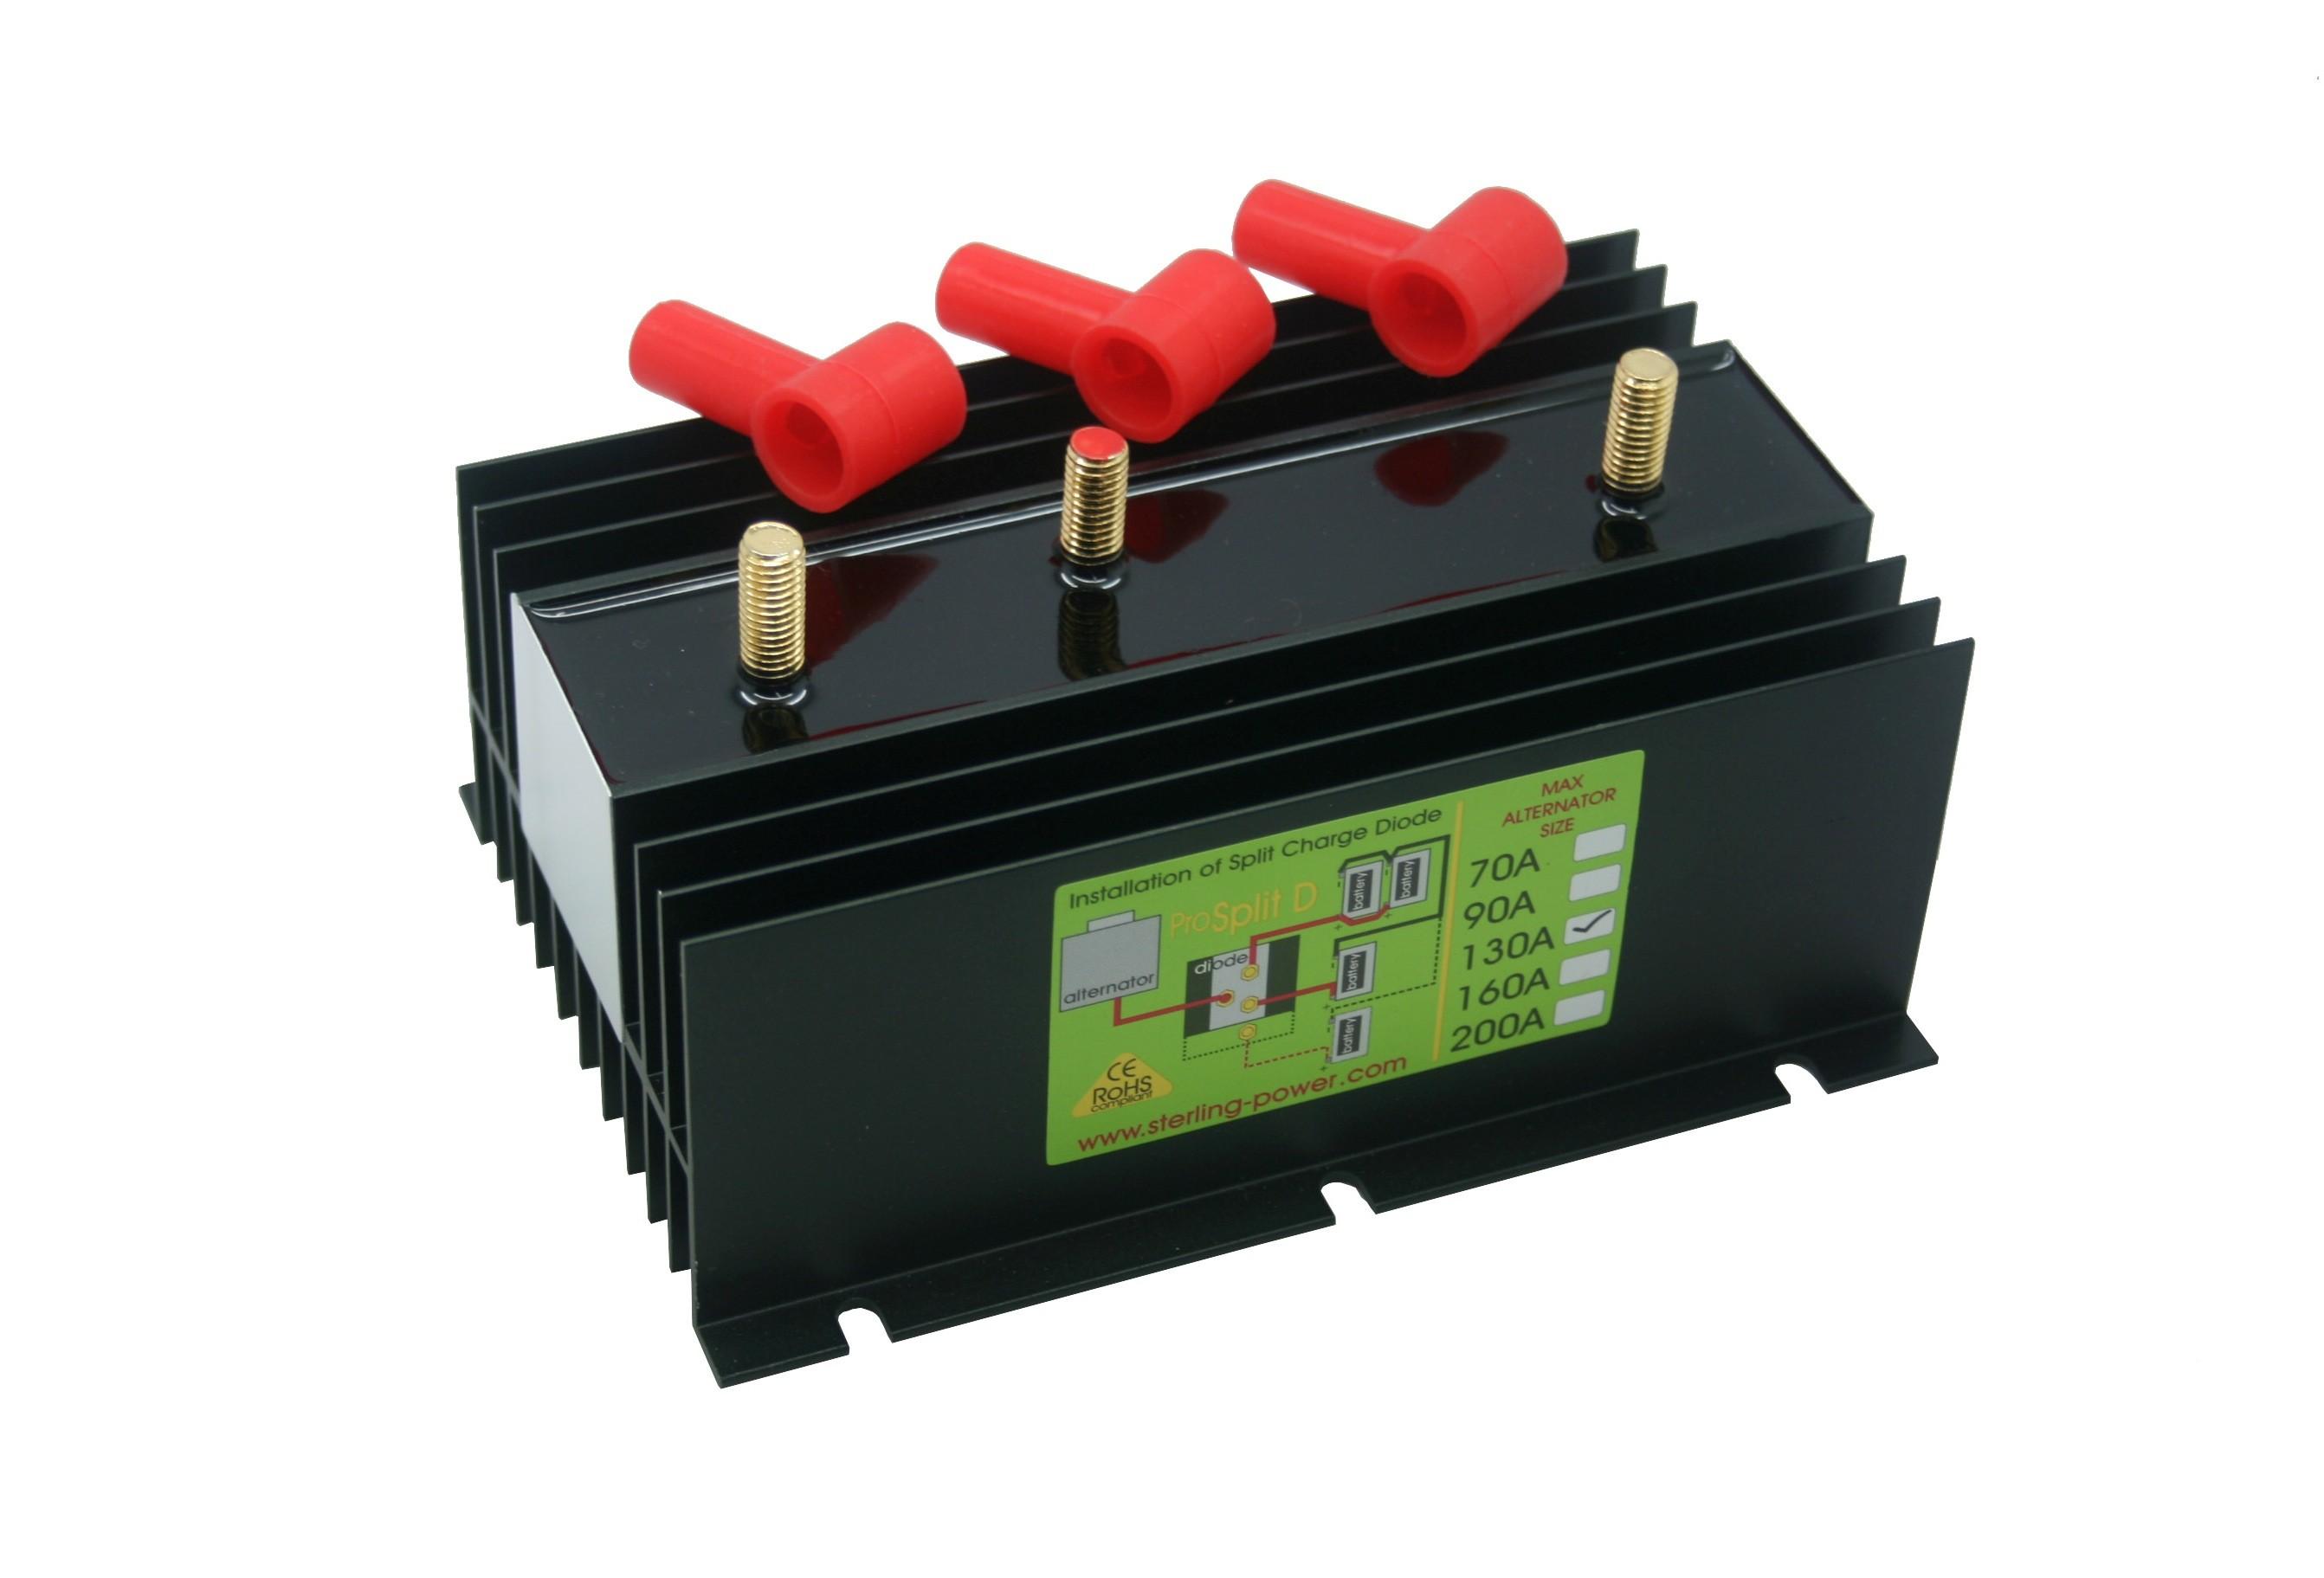 128.86 - Διαχωριστής Φόρτισης - Ισοσταθμιστής Μπαταριών Pro Split 130Amp Με 2 Εξόδους